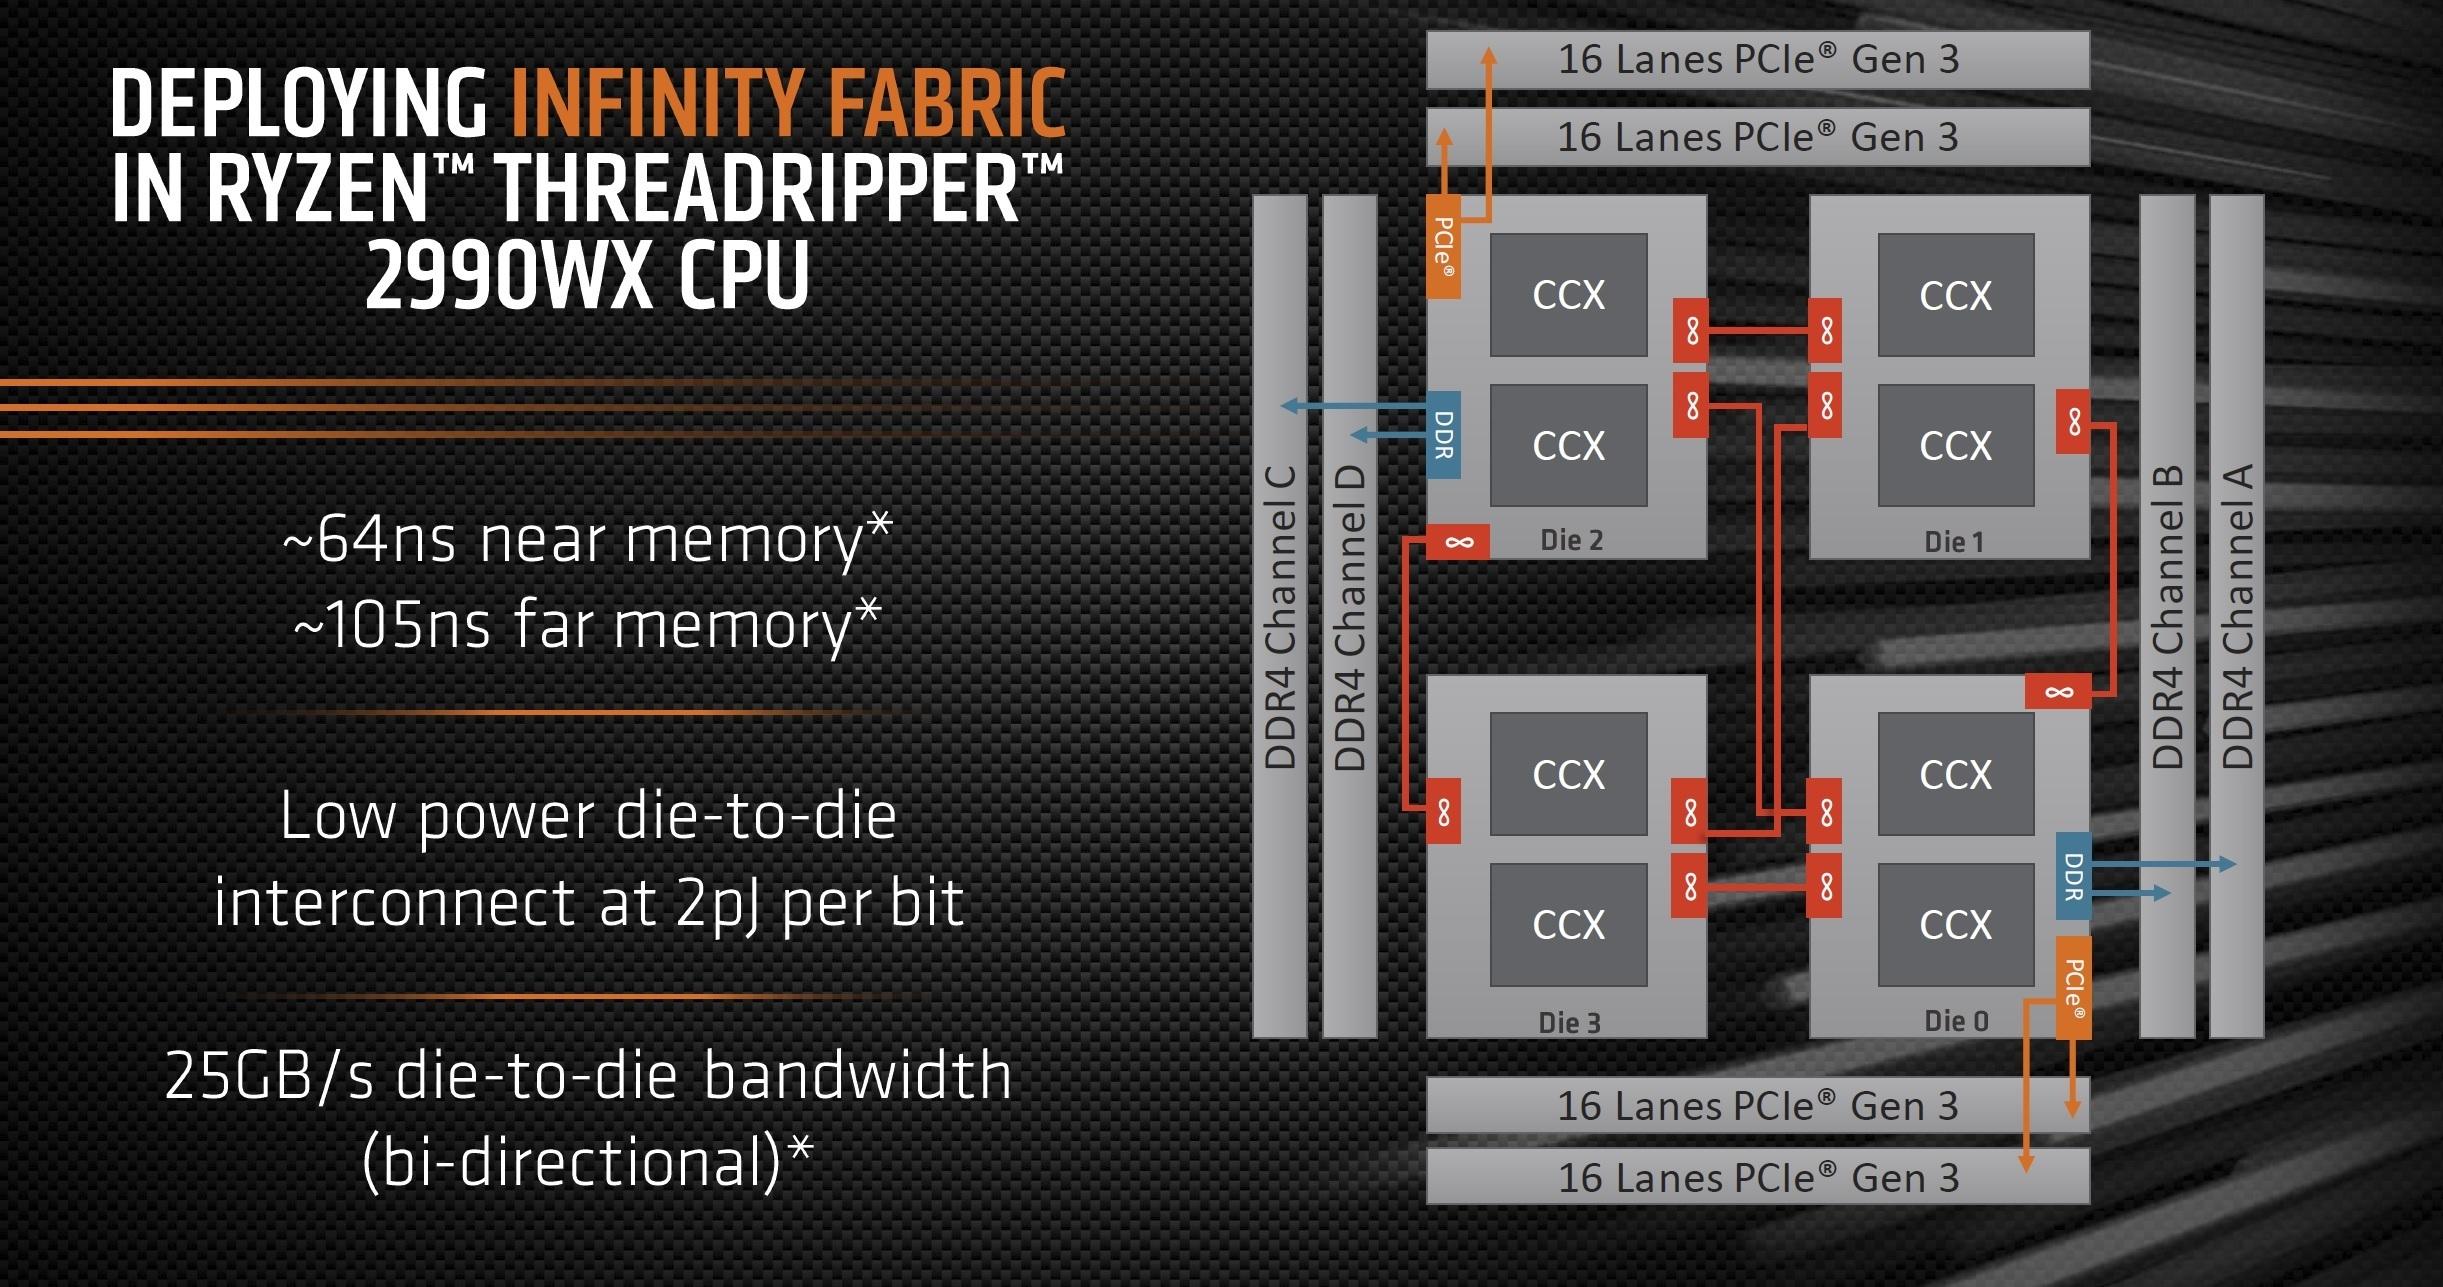 32코어를 일반 소비자용 CPU에 우겨넣다 보니 다이 2개는 메모리 컨트롤러가 없다. 메모리를 이용하려면 인접 다이를 통해야만 한다.